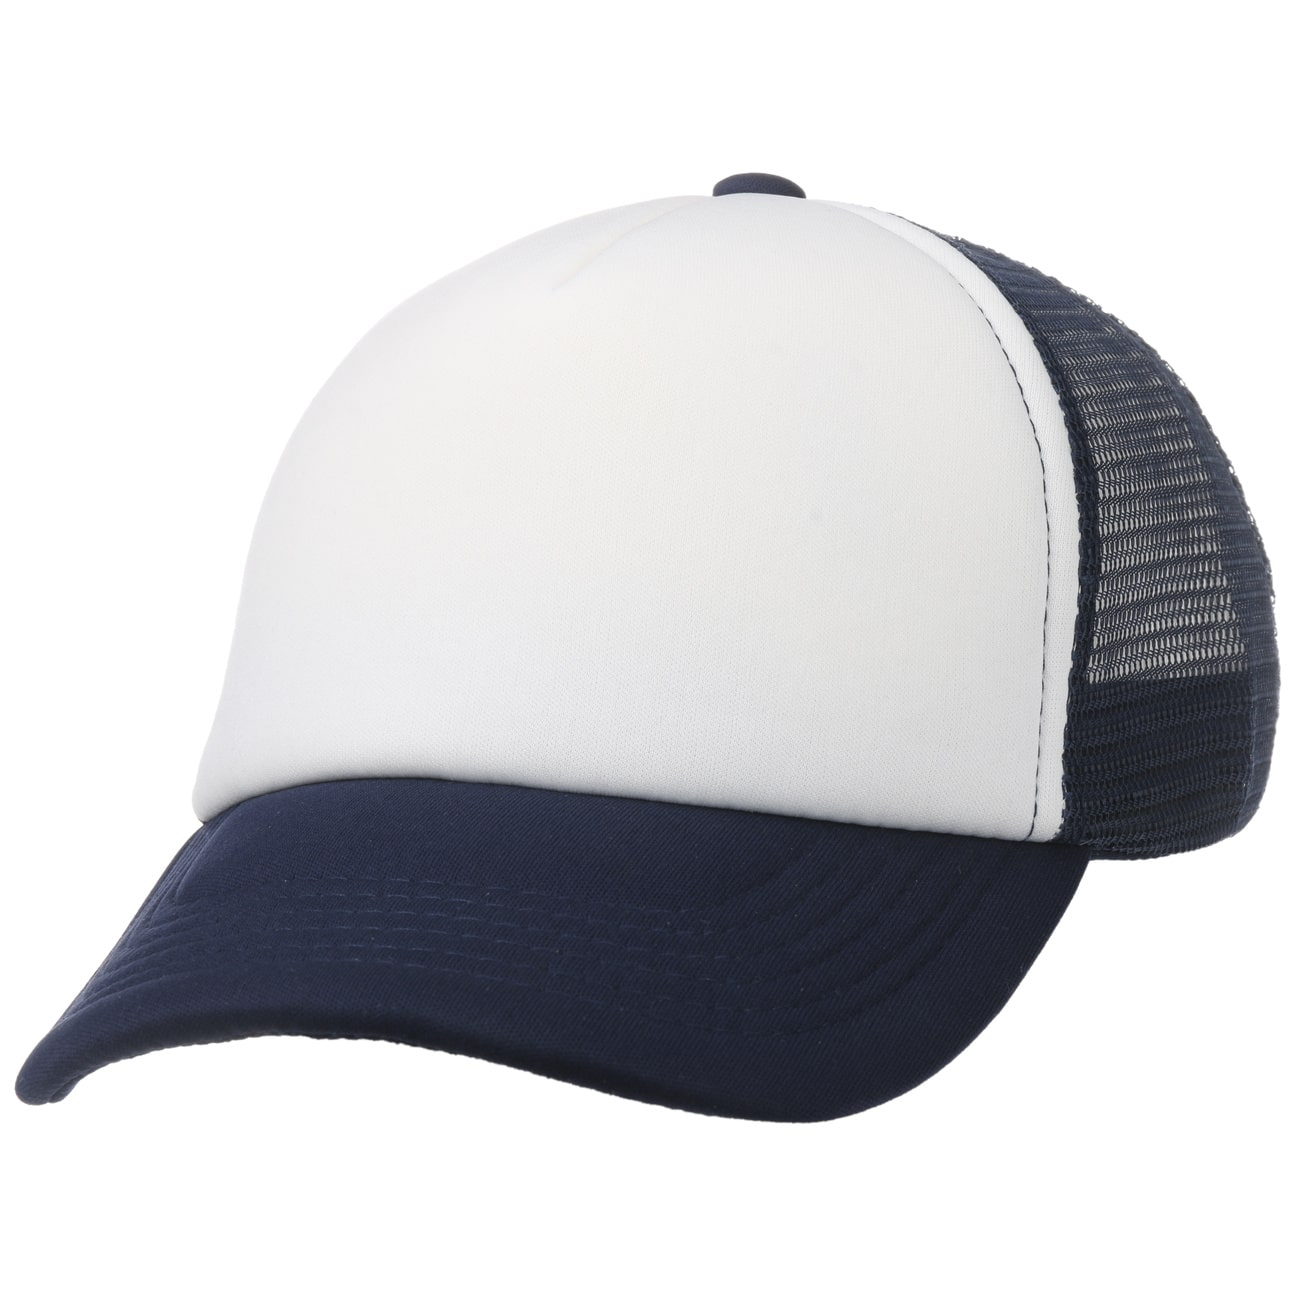 1a696e71a7d ... 70s Rapper Mesh Cap - blue 5 ...